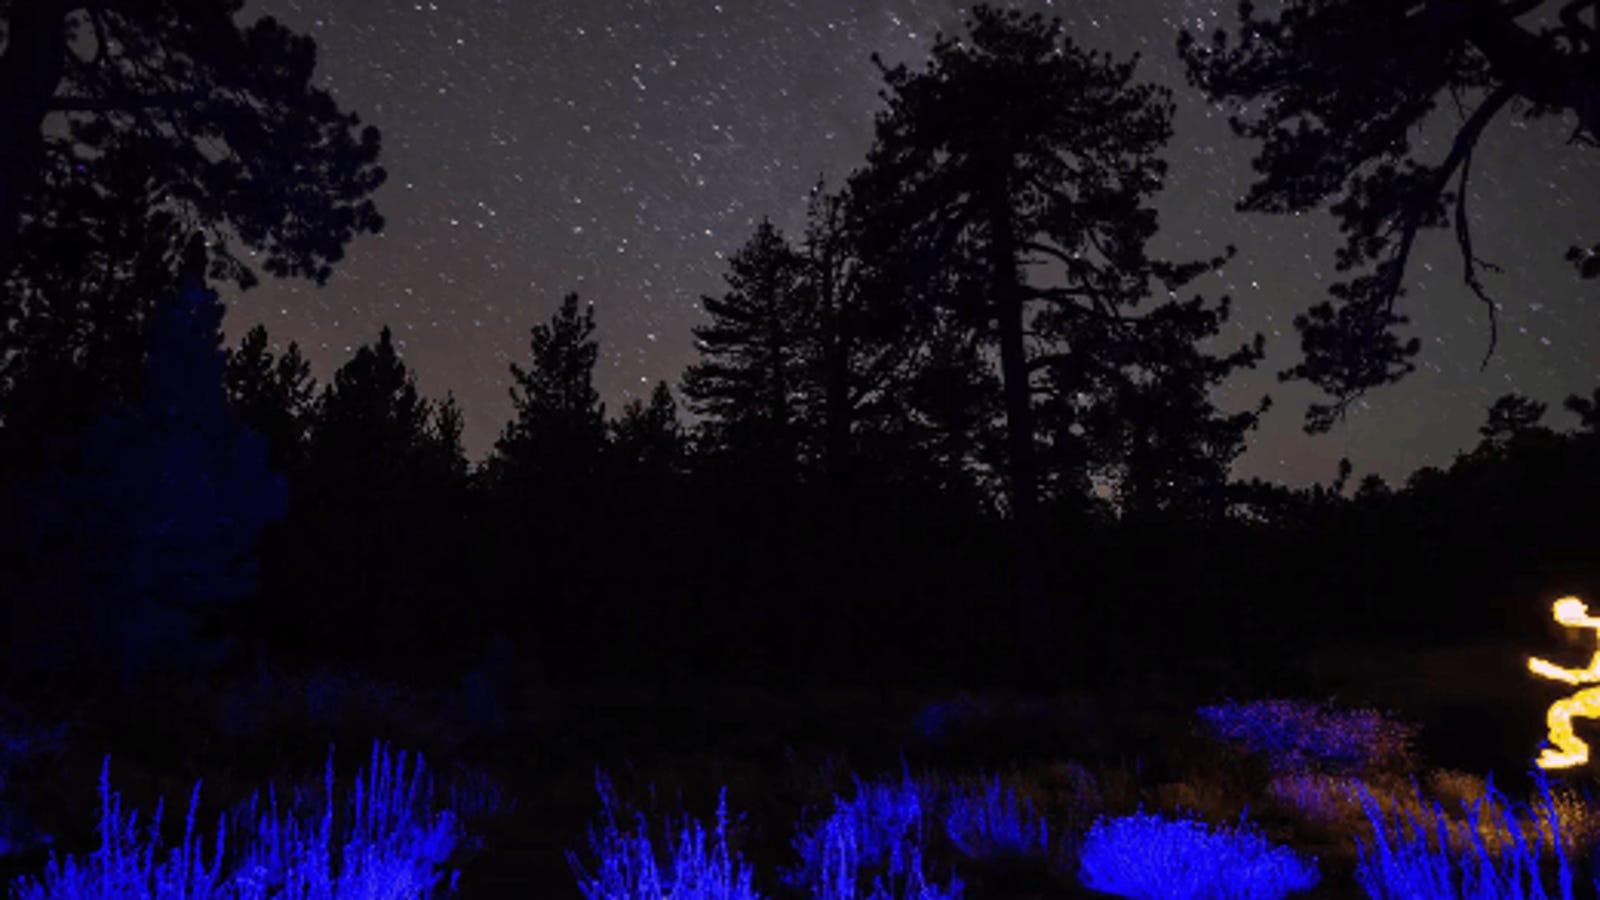 Este fascinante cortometraje está hecho usando pinturas de luz